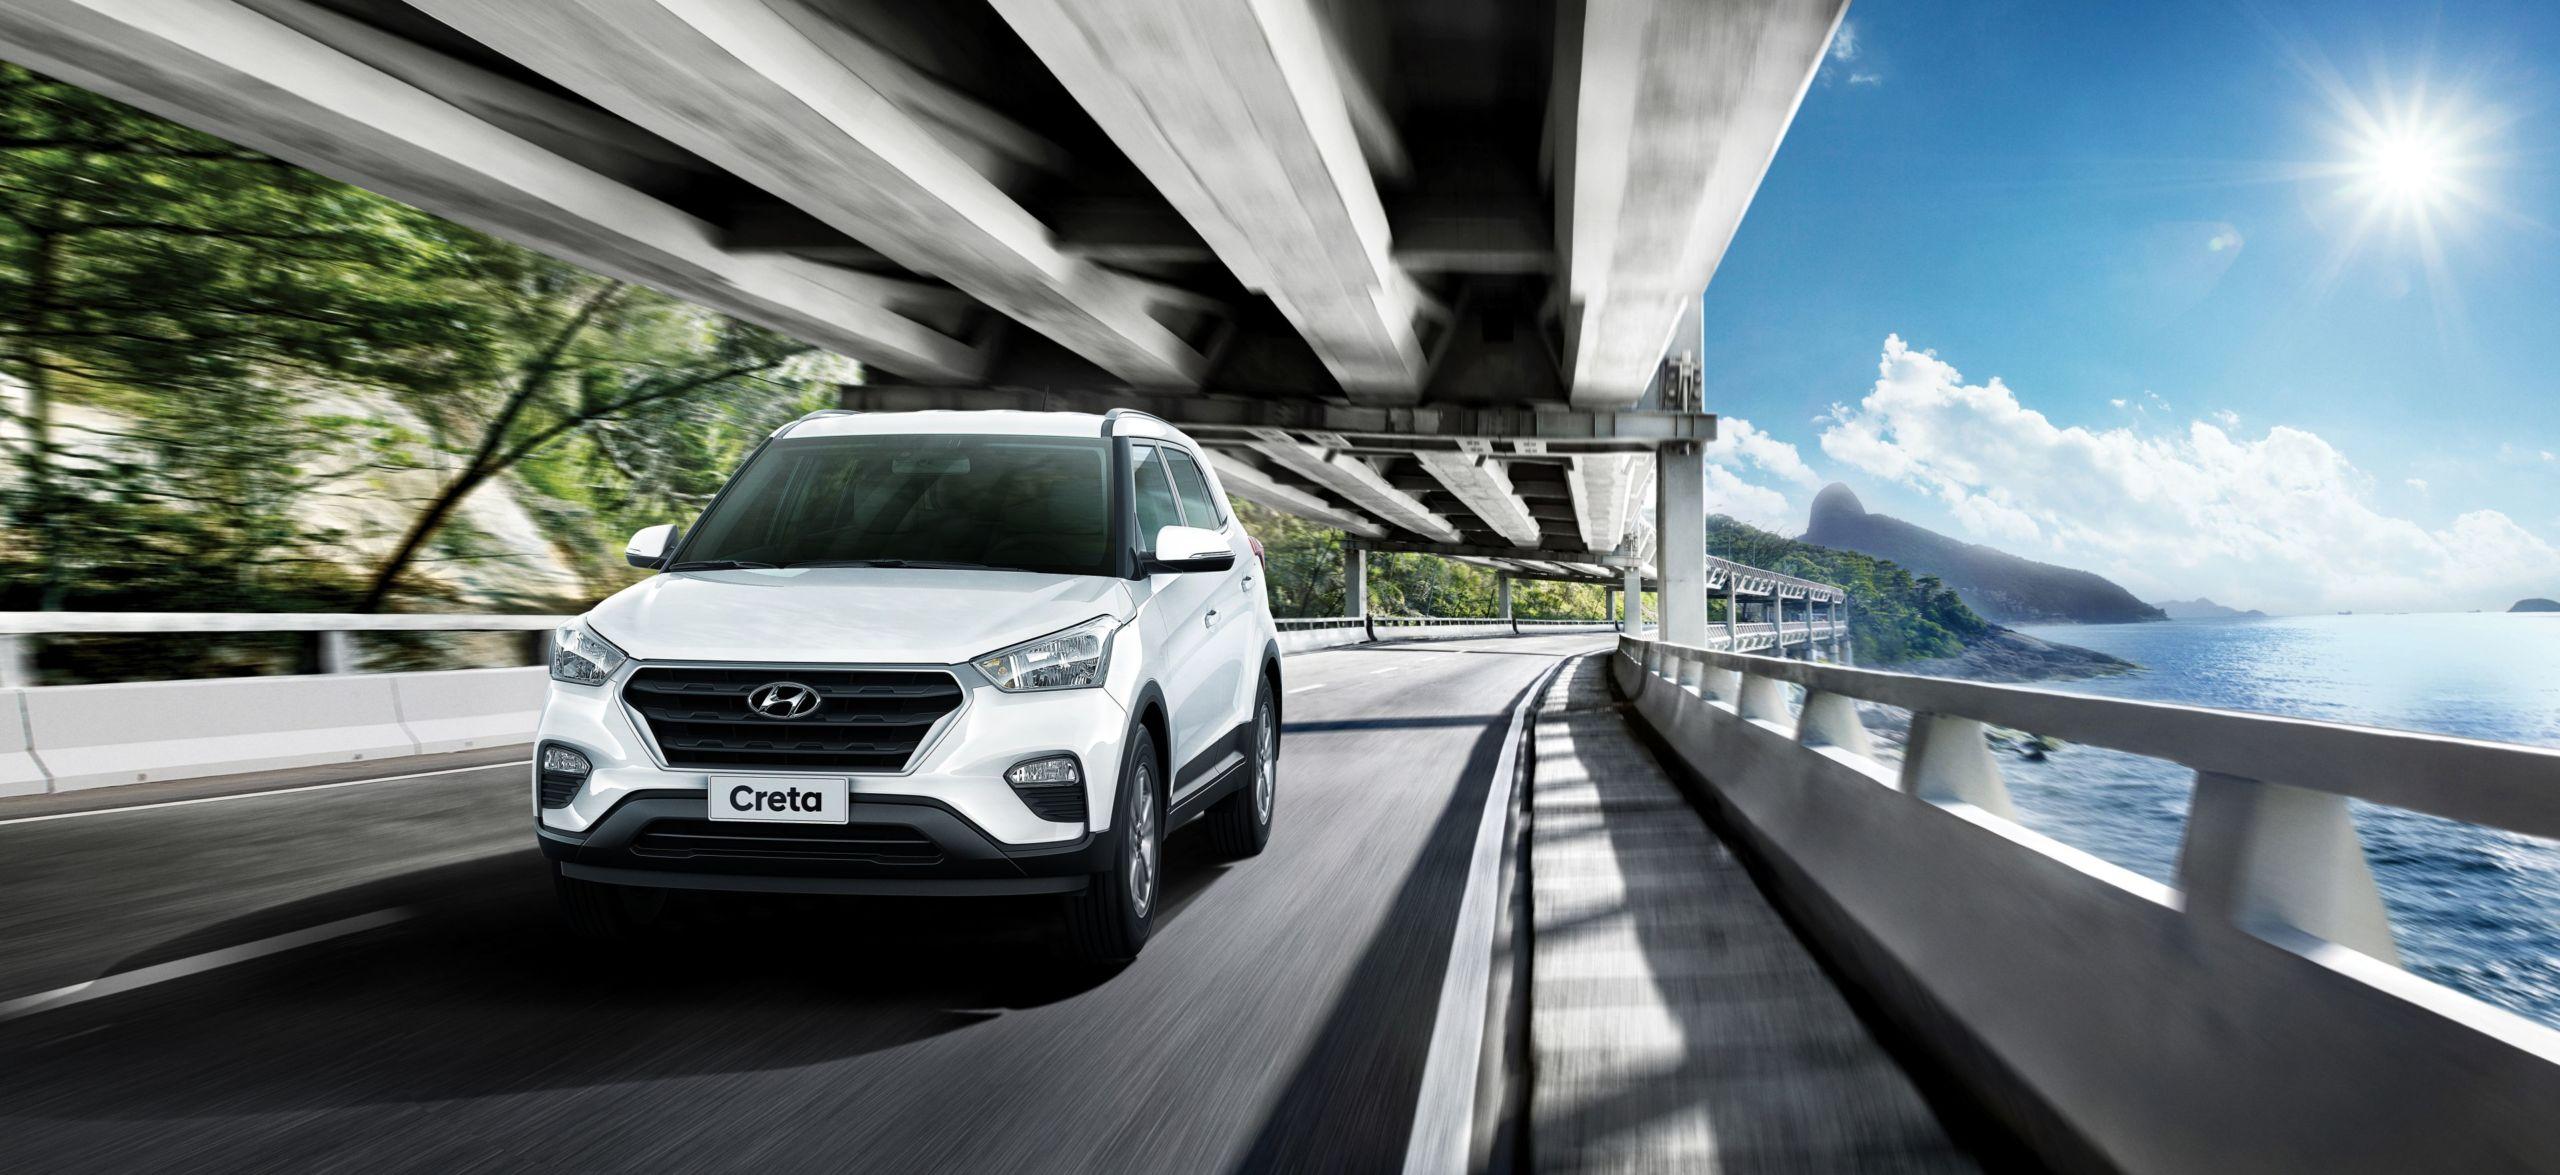 Nova configuração Hyundai Creta Smart é a opção mais em conta com câmbio automático na gama do SUV, e também conta com controle de estabilidade e de tração.